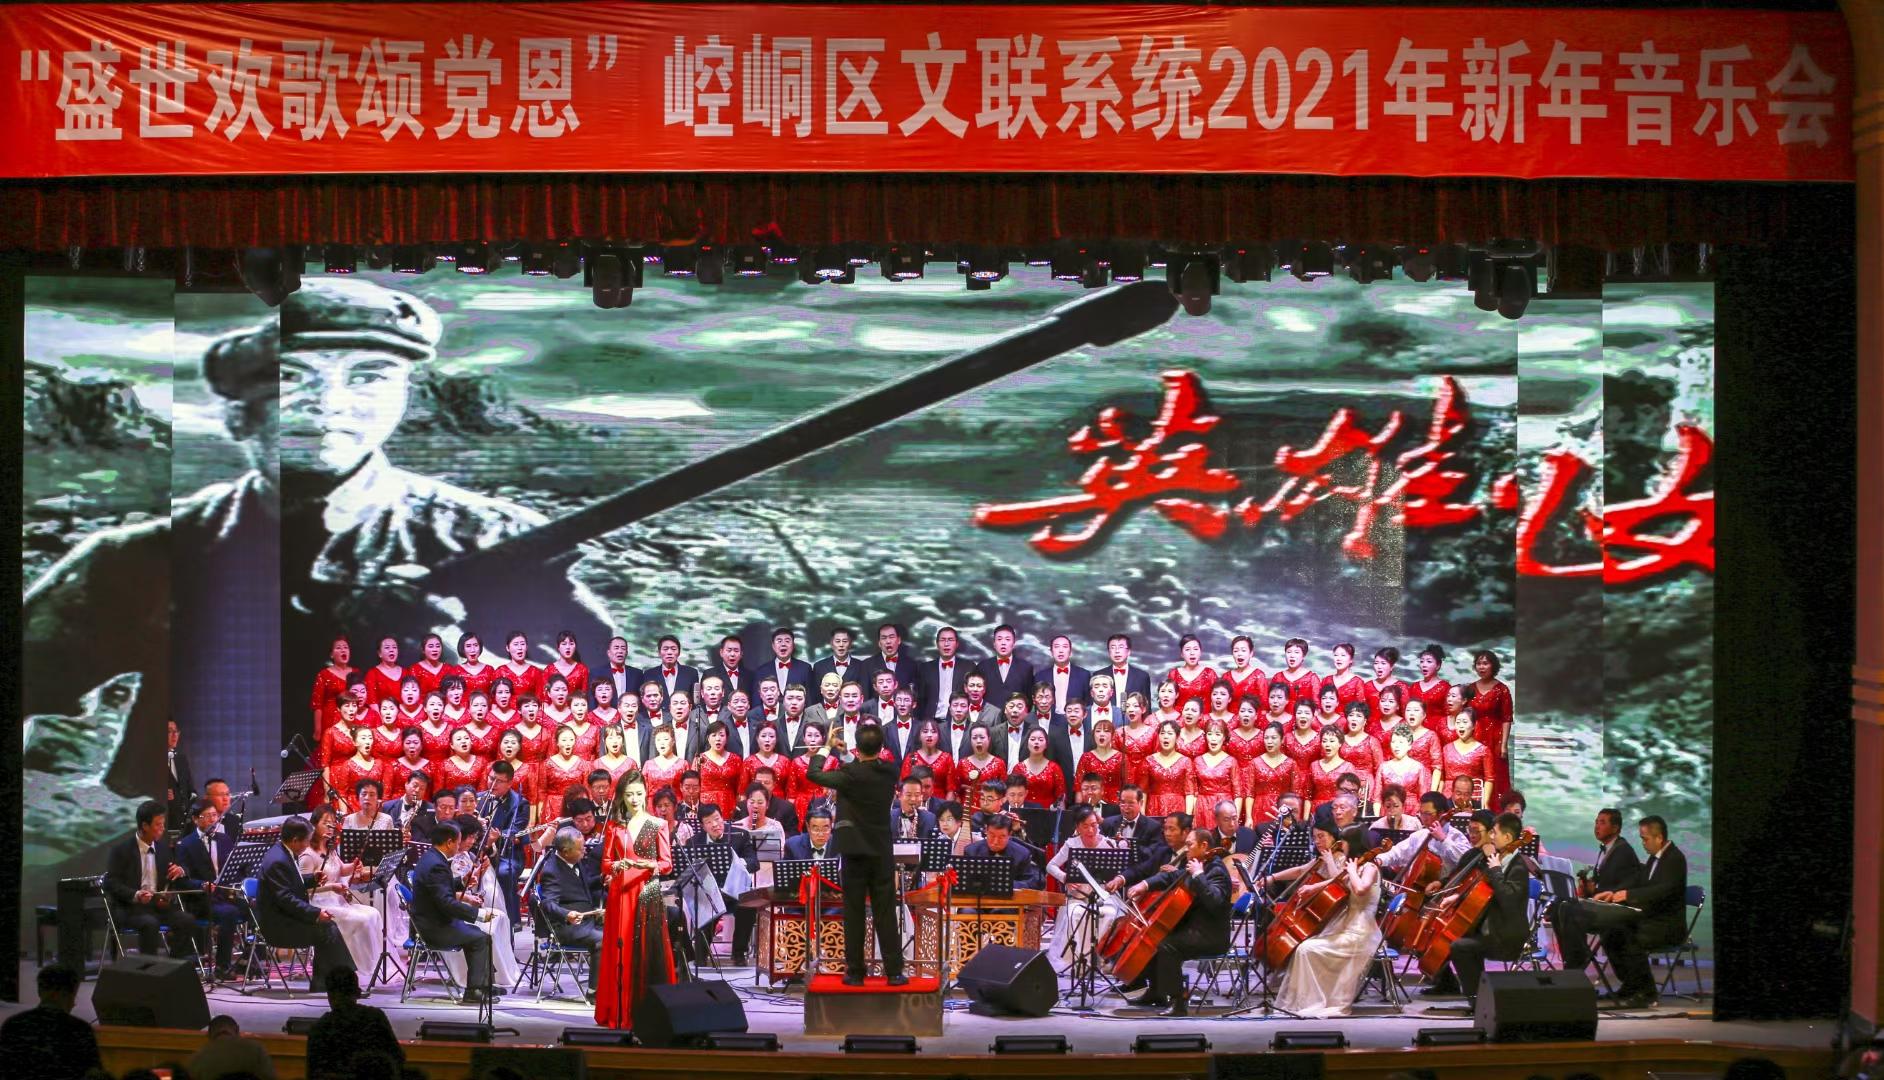 """崆峒区成功举办""""盛世欢歌颂党恩""""2021年新年音乐会"""